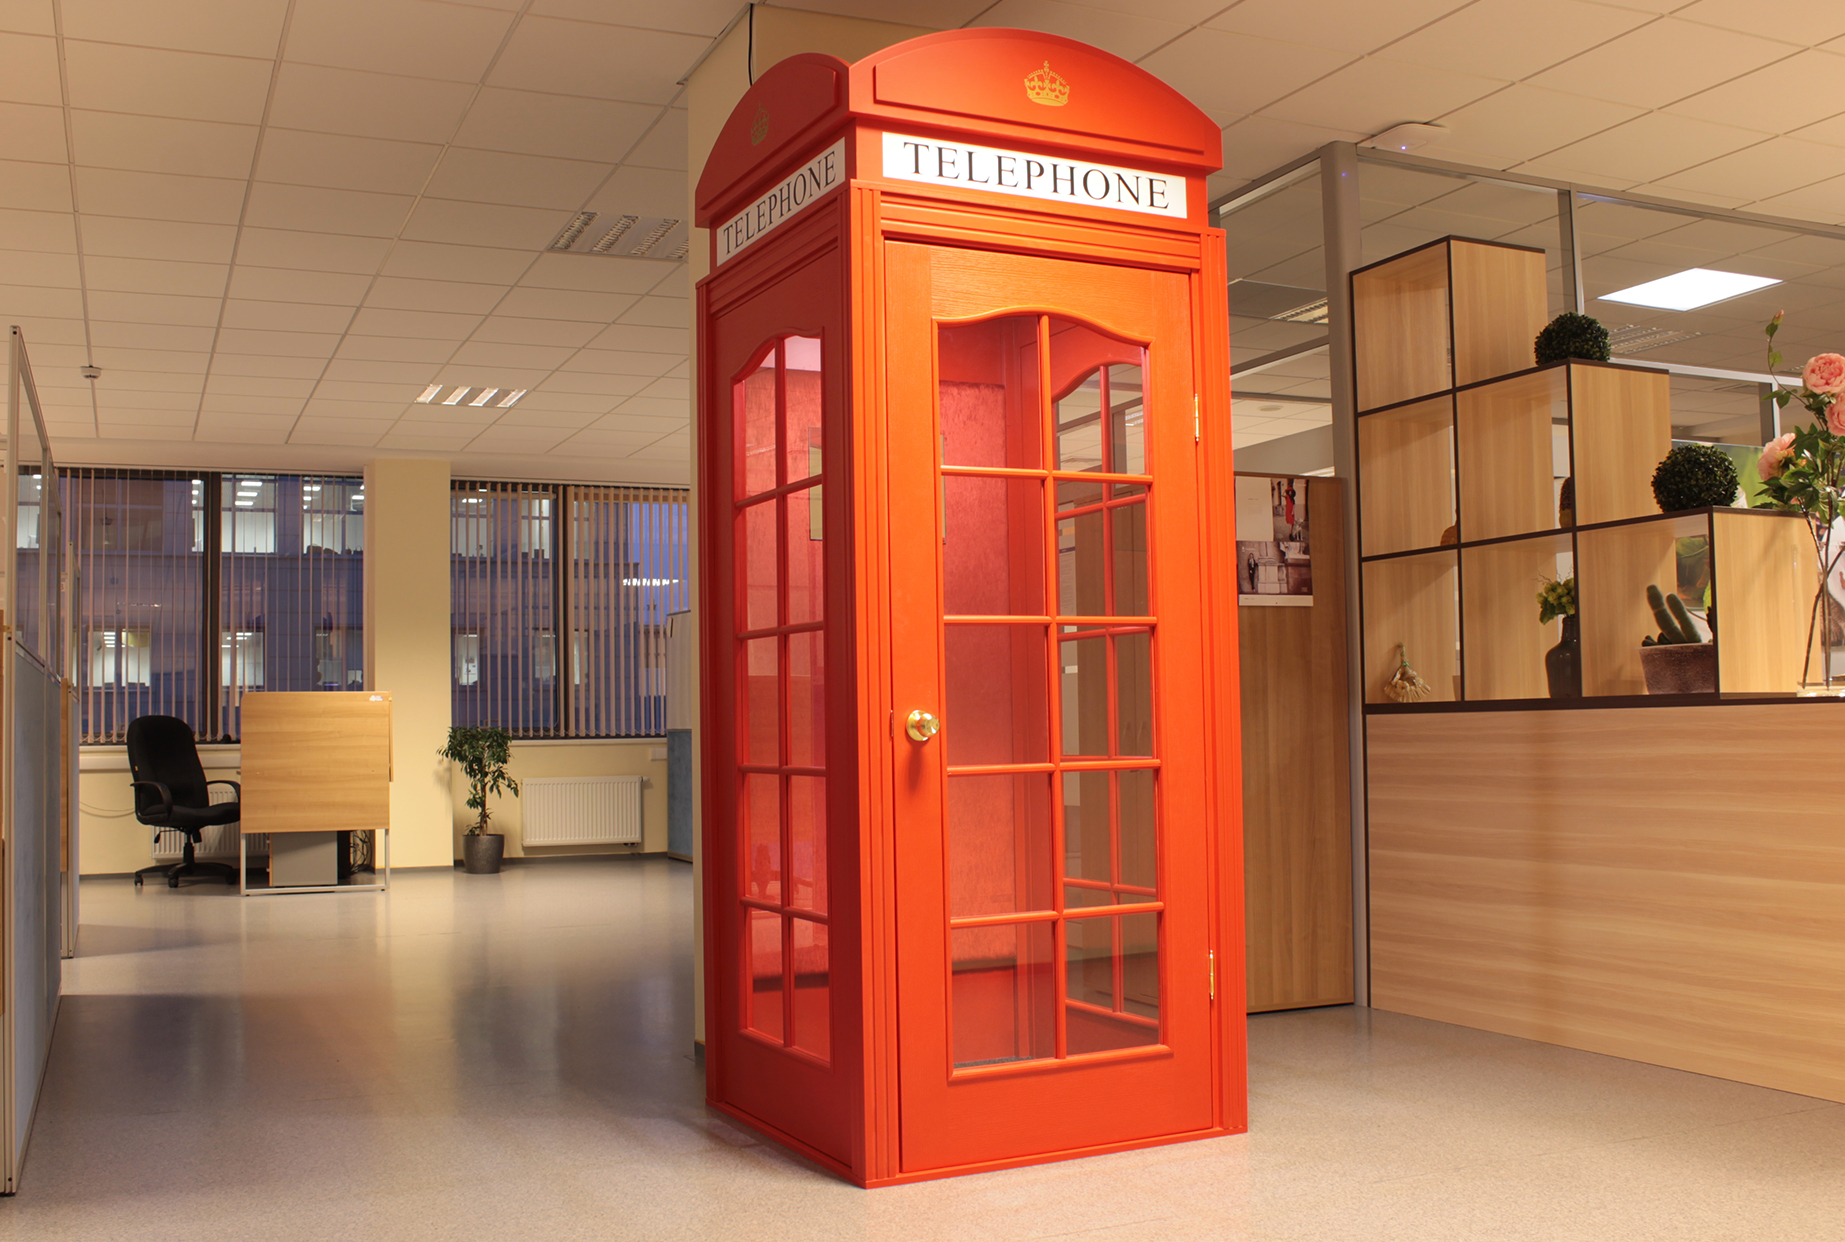 Английская телефонная будка в интерьере фото